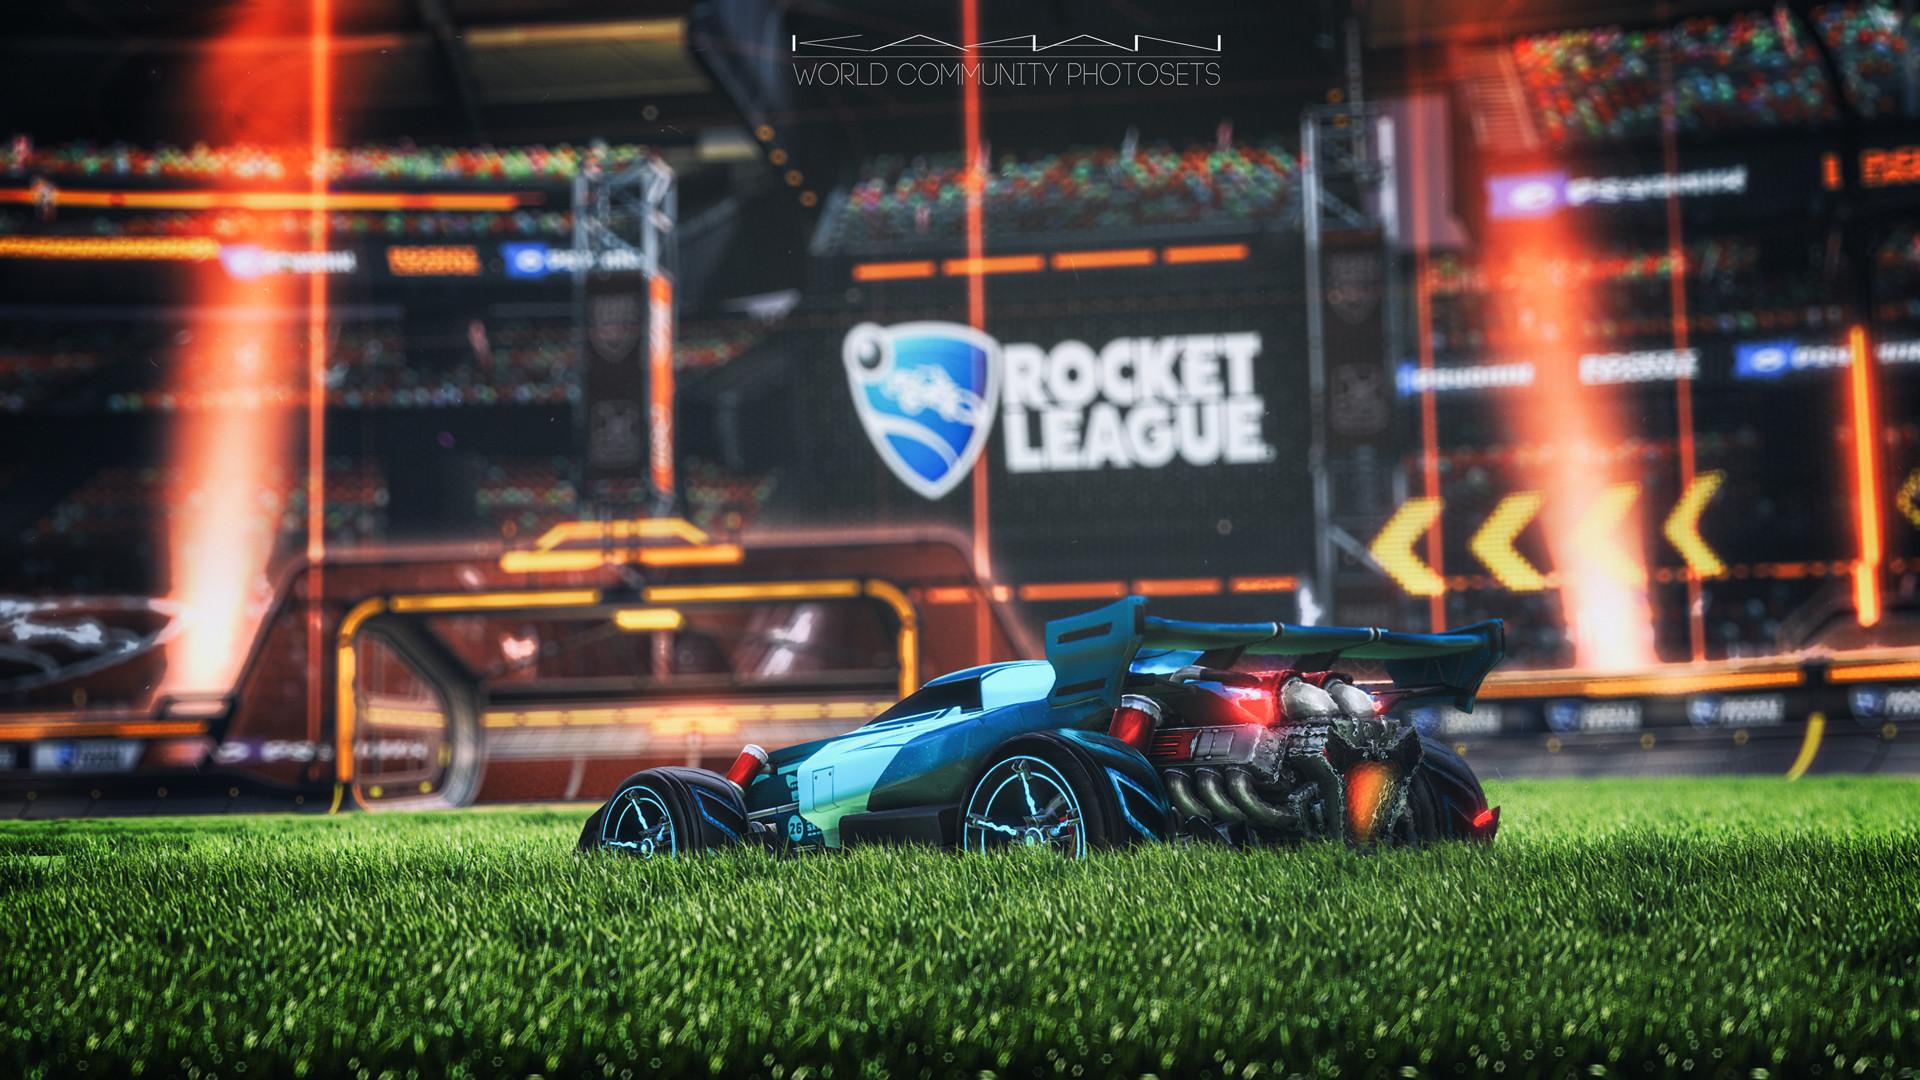 Octane Rocket Wallpapers League Hd